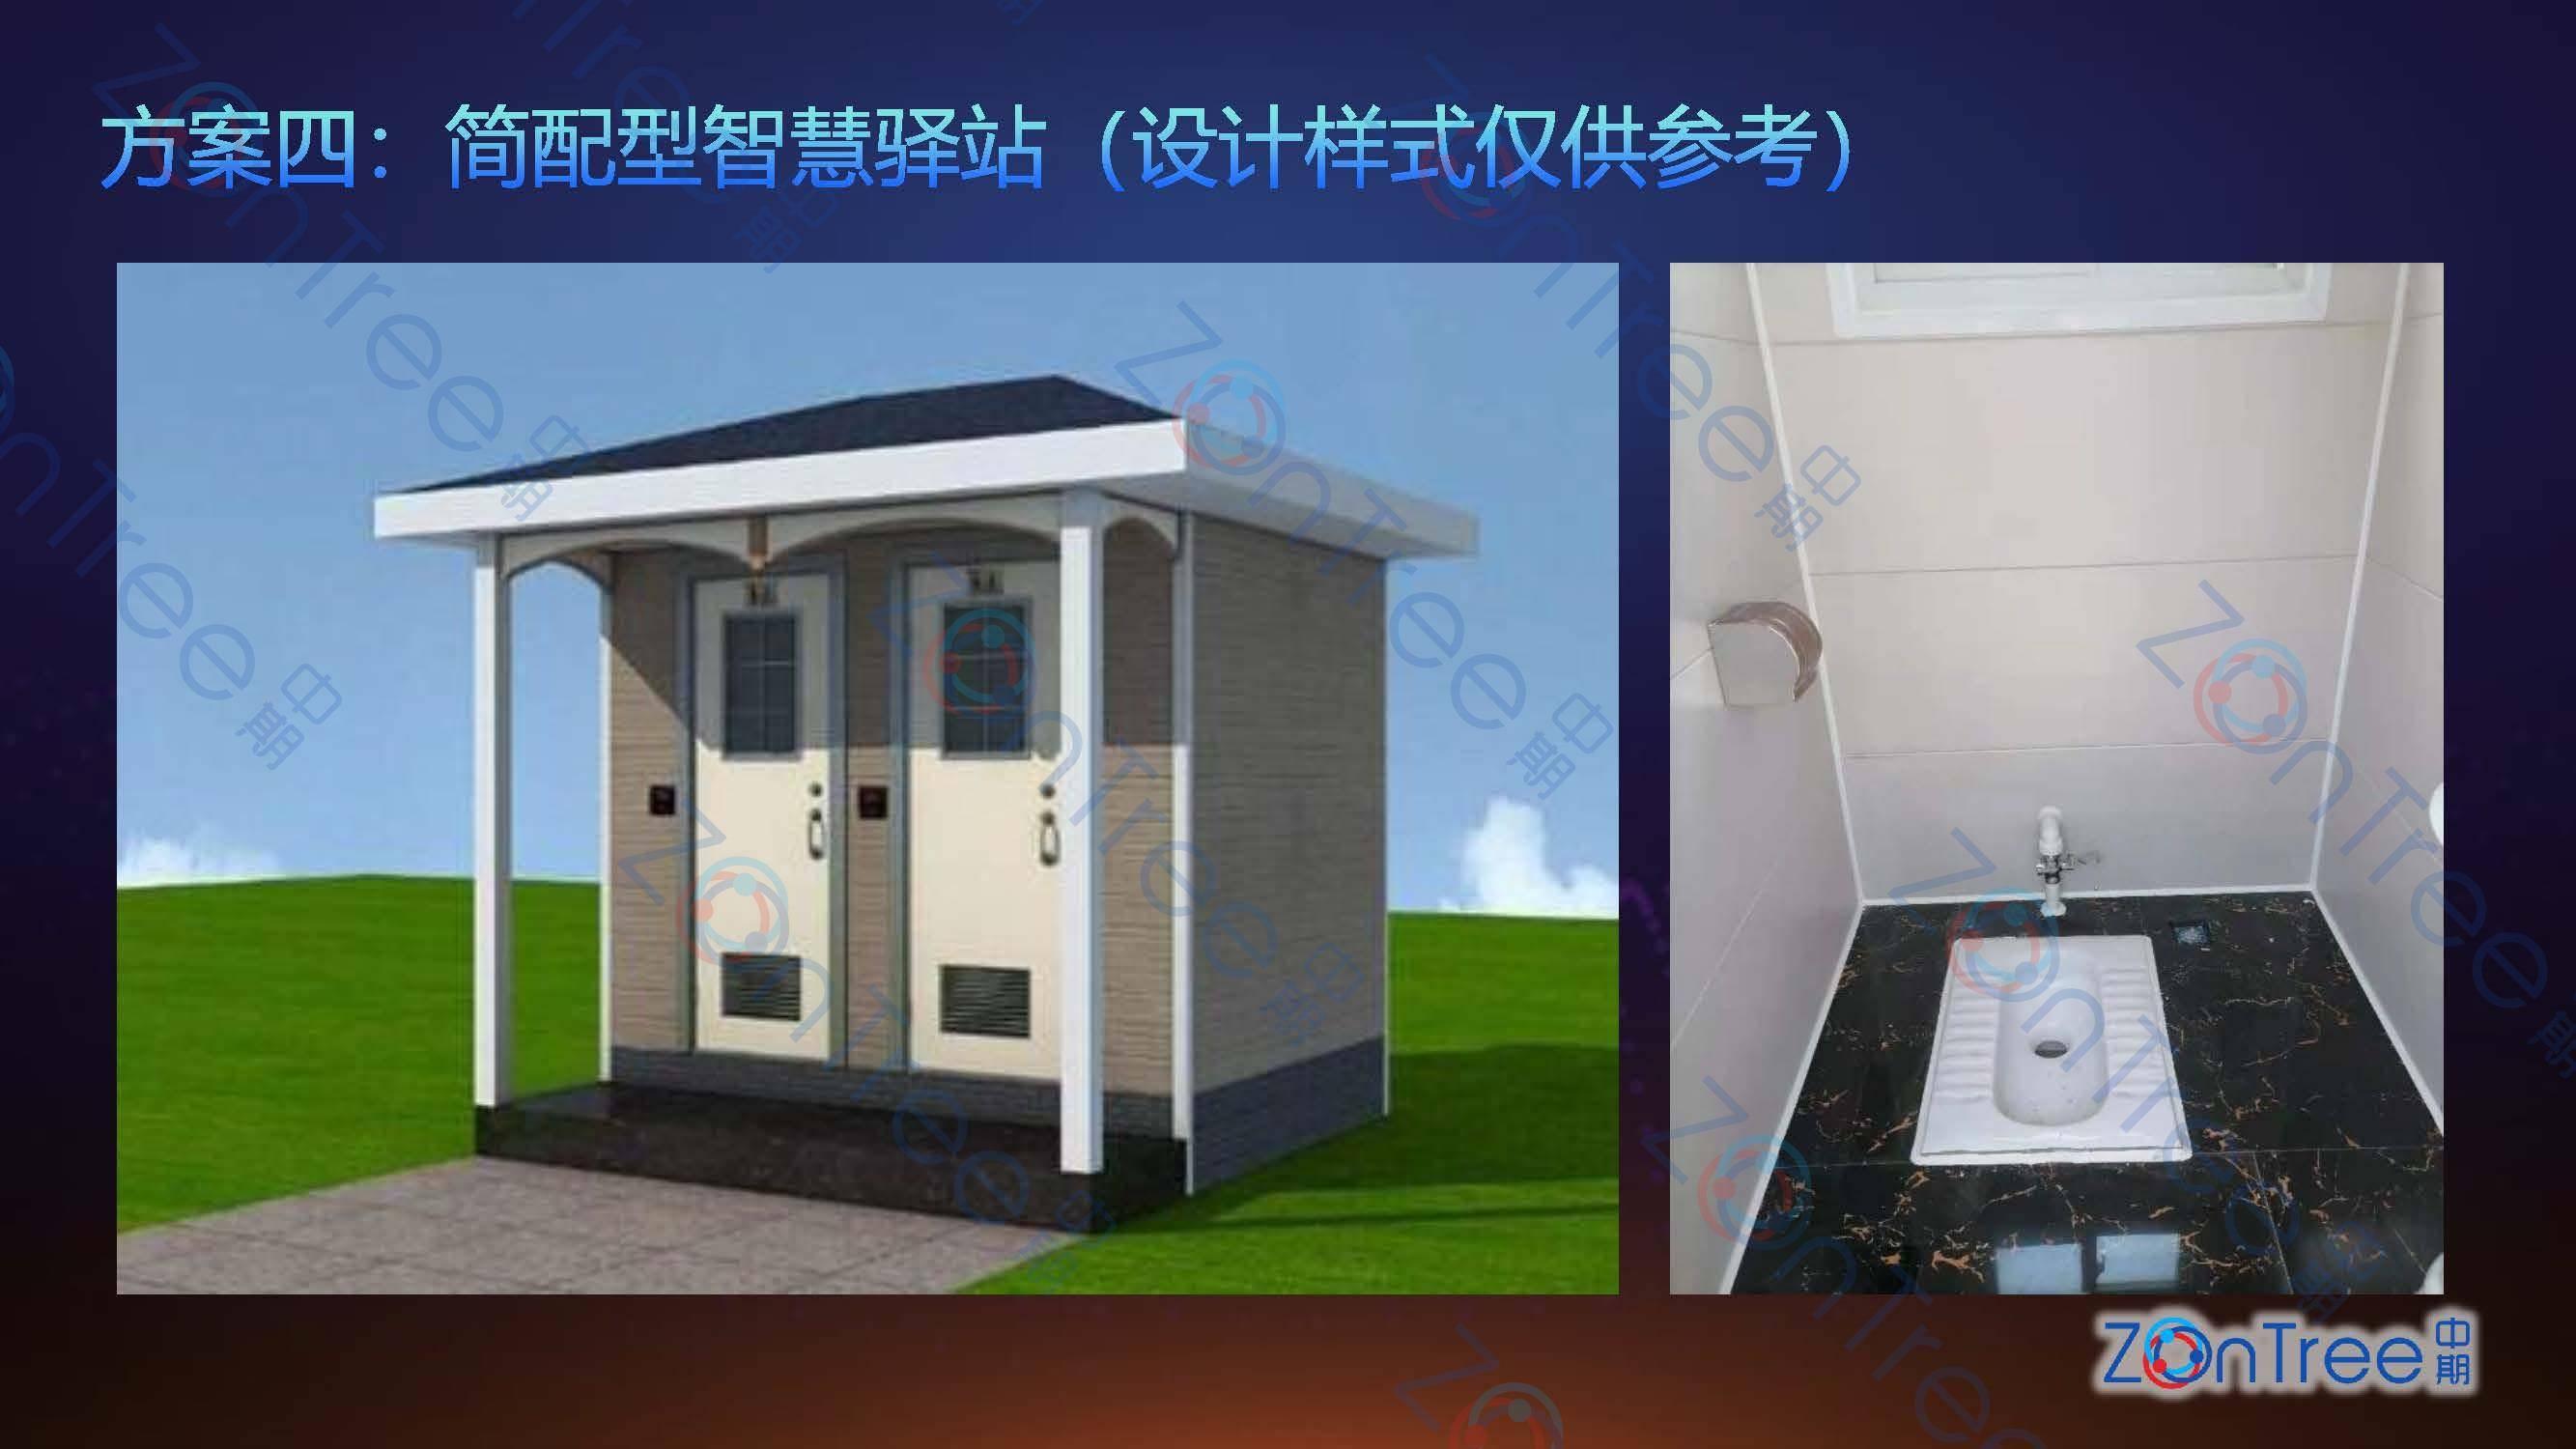 「中期®科技」智慧公厕|智慧厕所|智能厕所|智能公厕